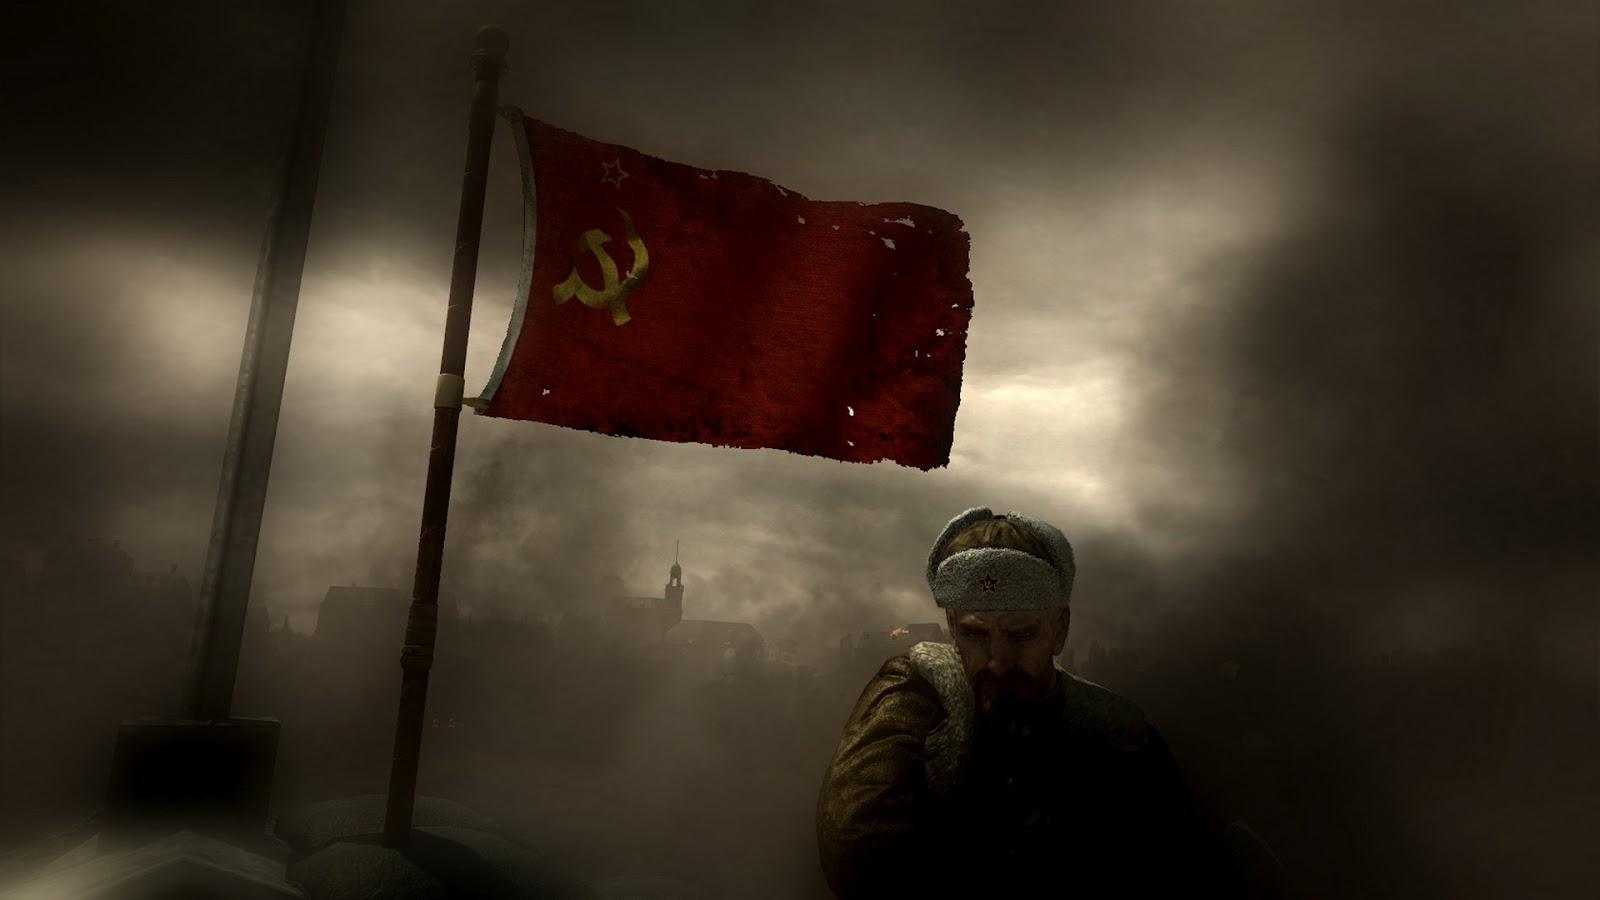 All new pix1 world war hd wallpaper - Call of duty world war 2 background ...